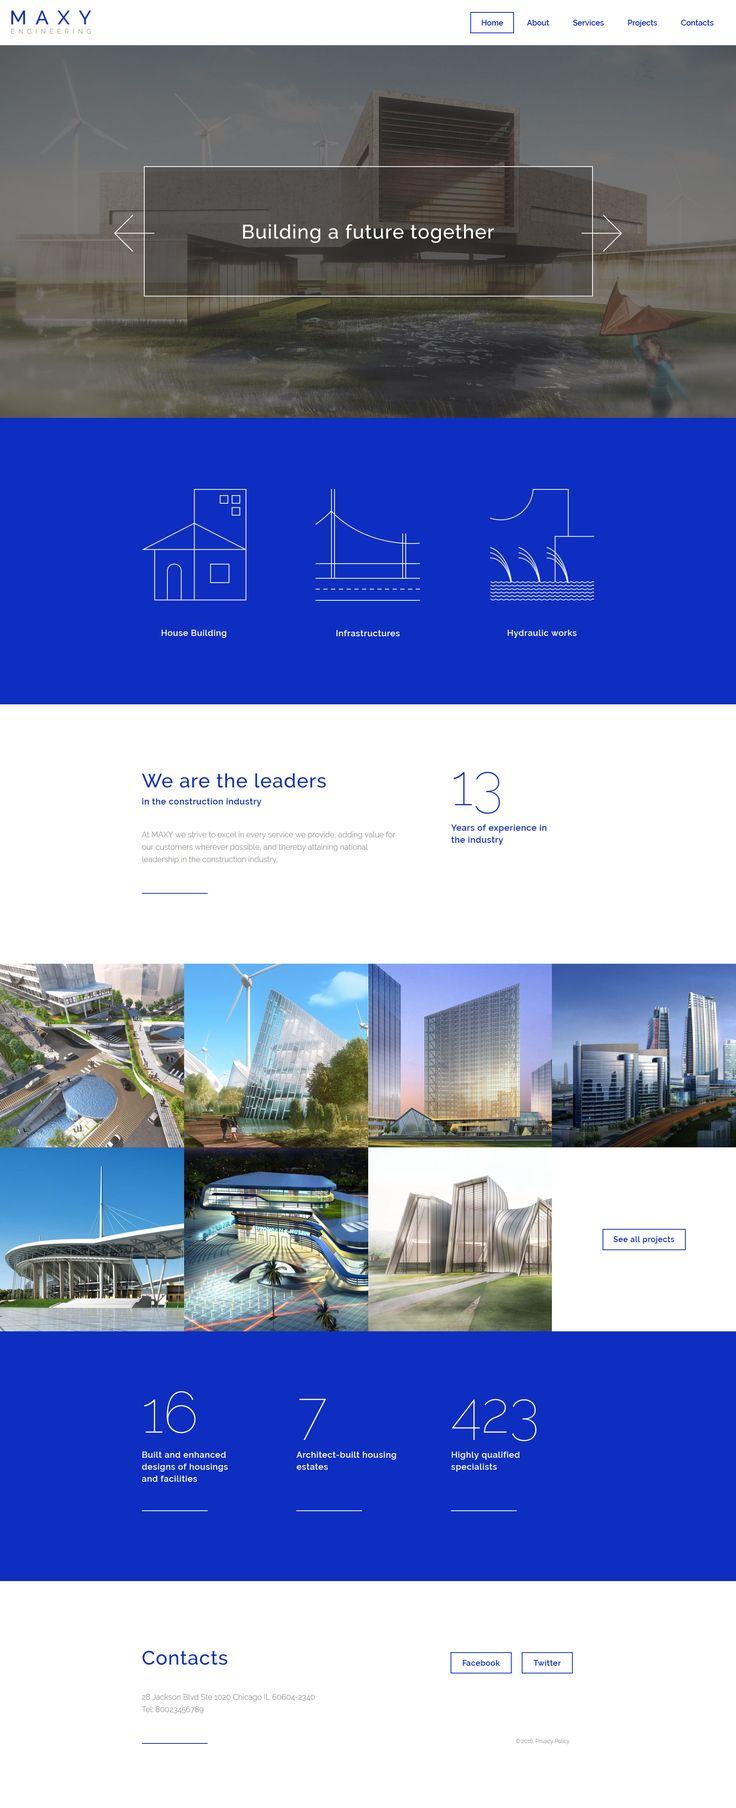 Construction WebSite Template http://www.templatemonster.com/website-templates/58107.html #html